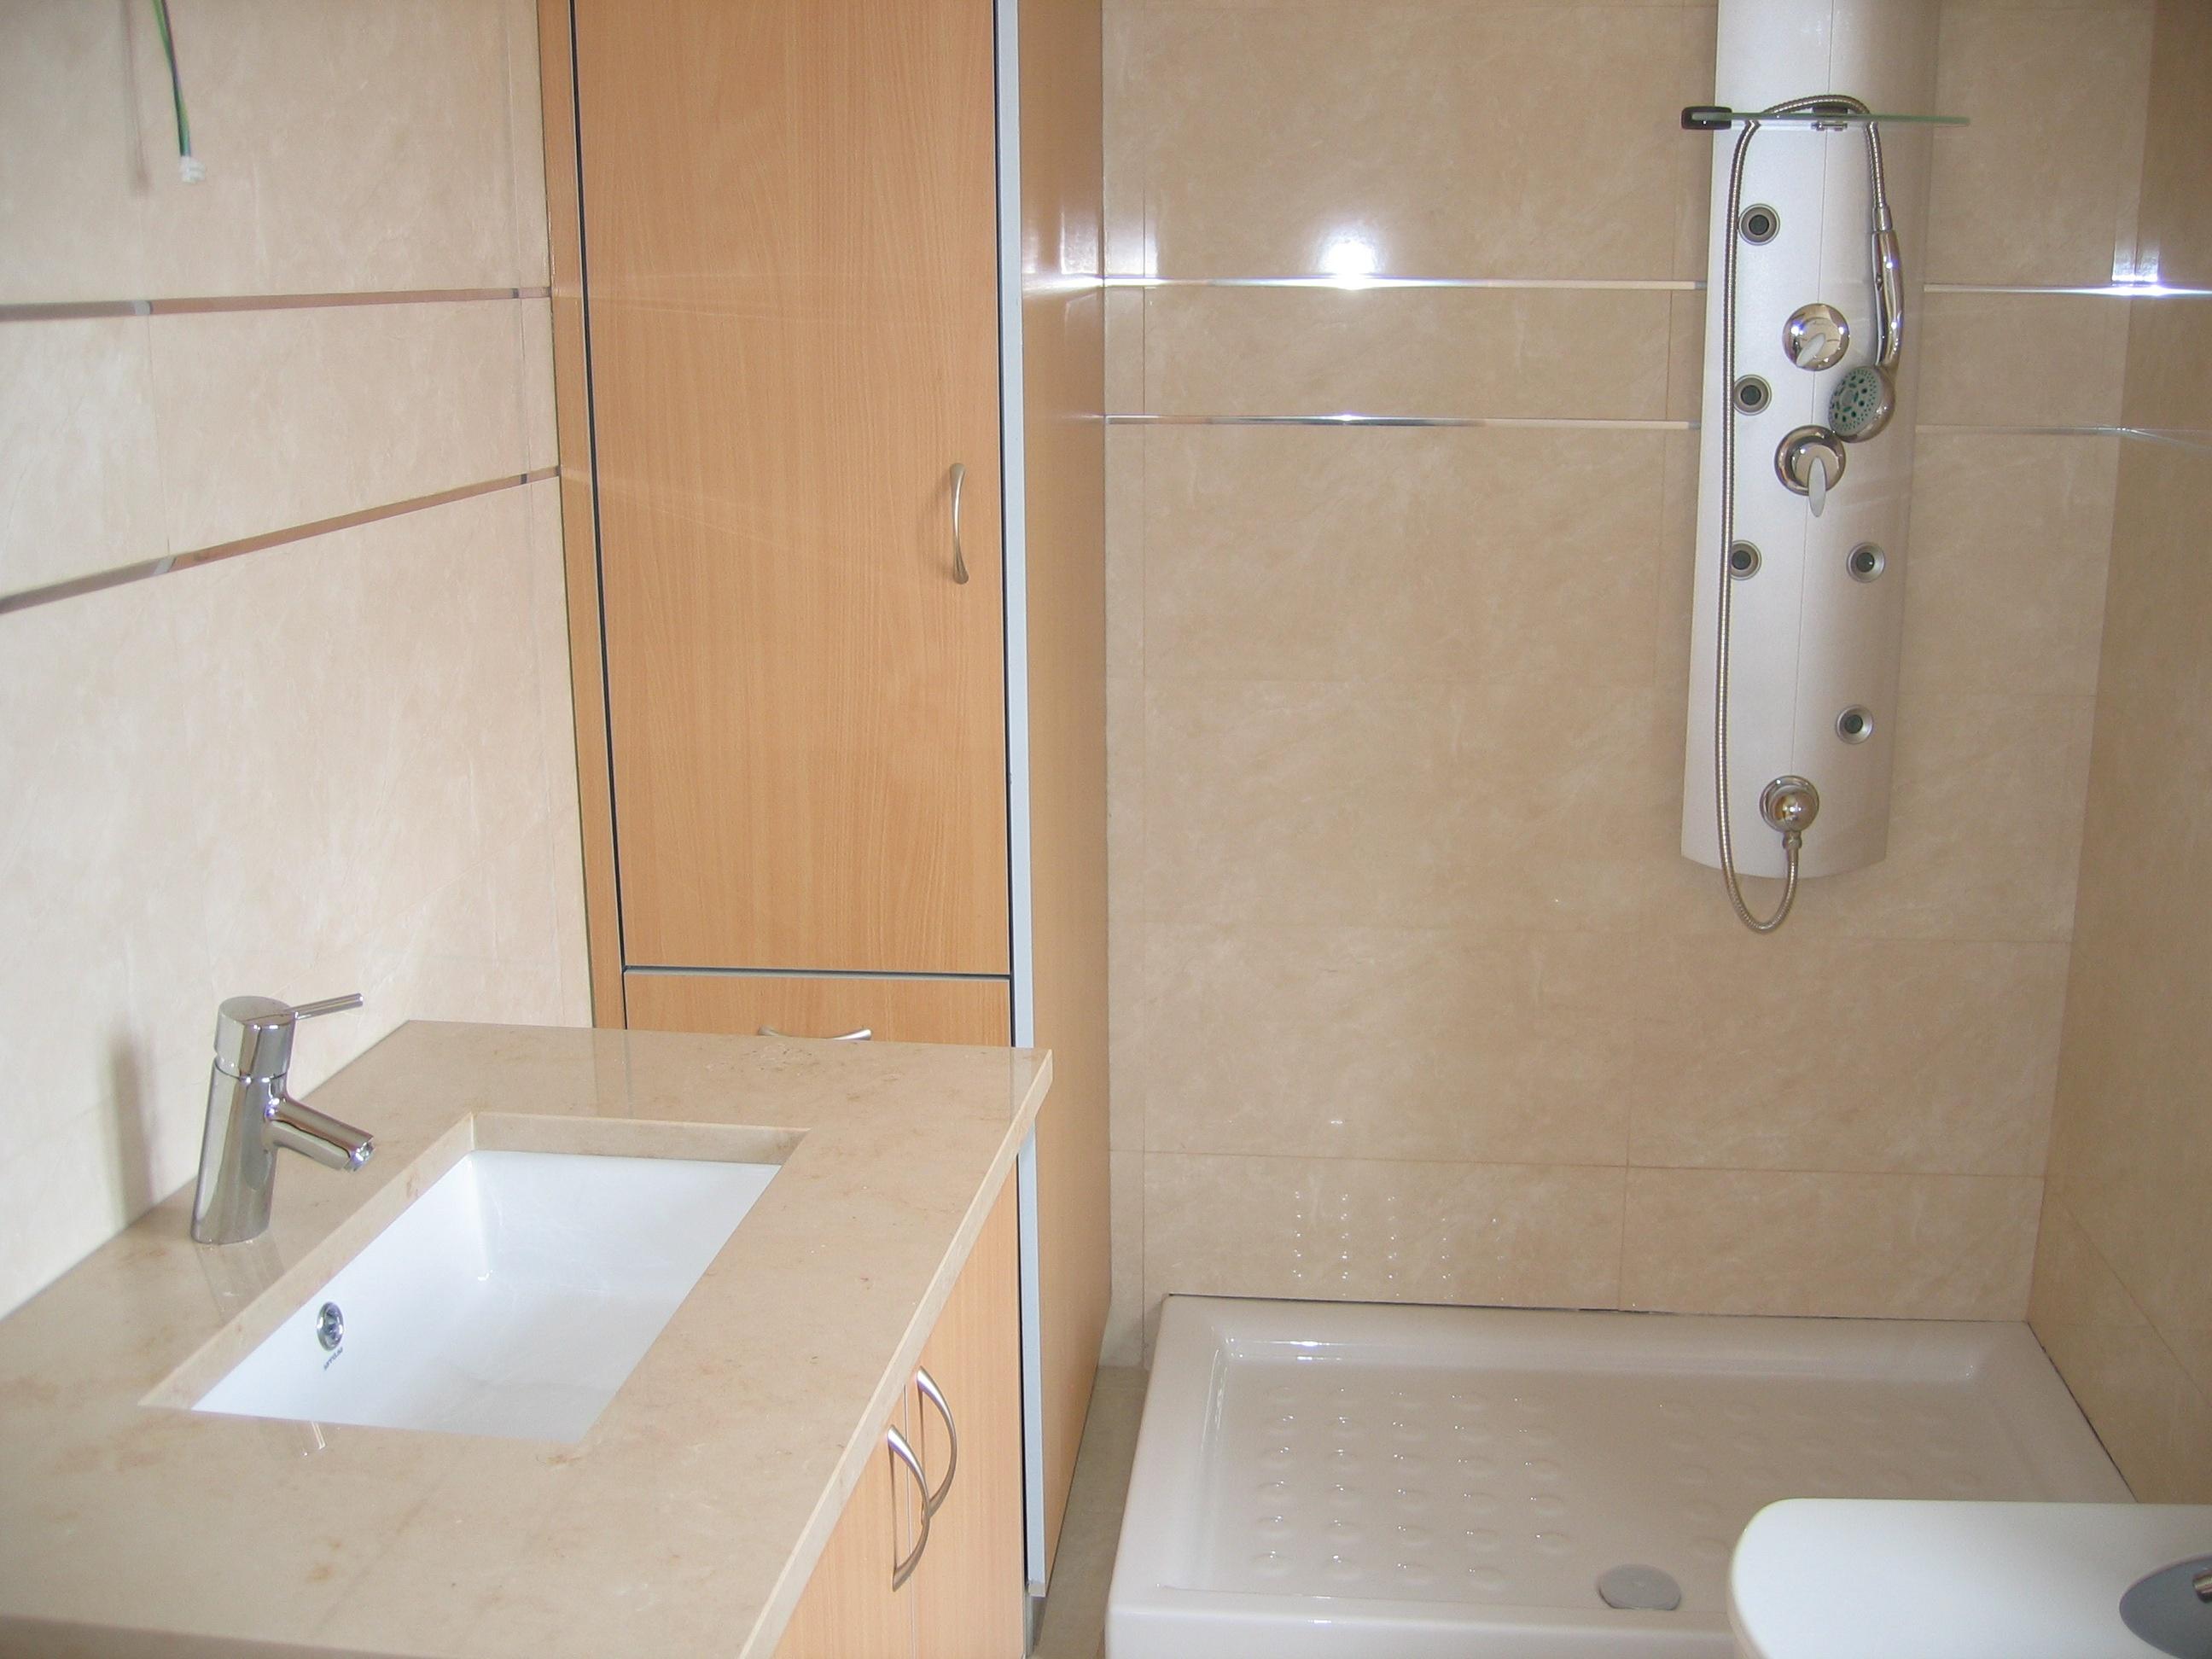 faca voce mesmo decoracao de interiores:Decoração de casas de banho – coluna de hidromassagem